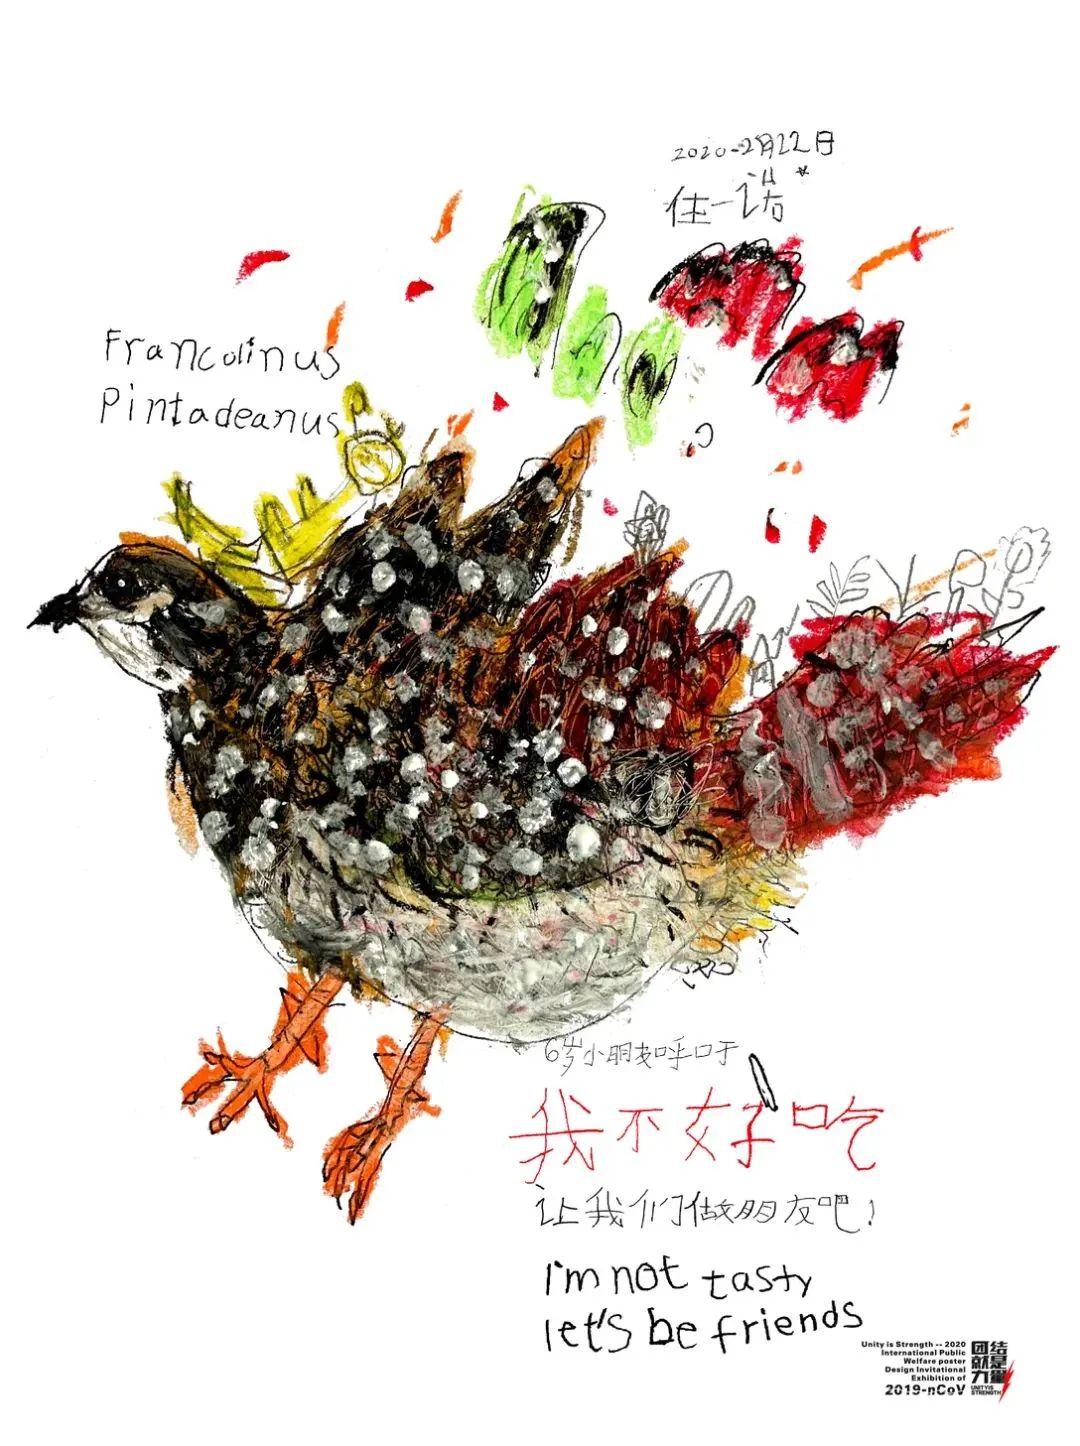 6岁蒙古族小设计师用插画拯救野生动物,为抗疫助力! 第48张